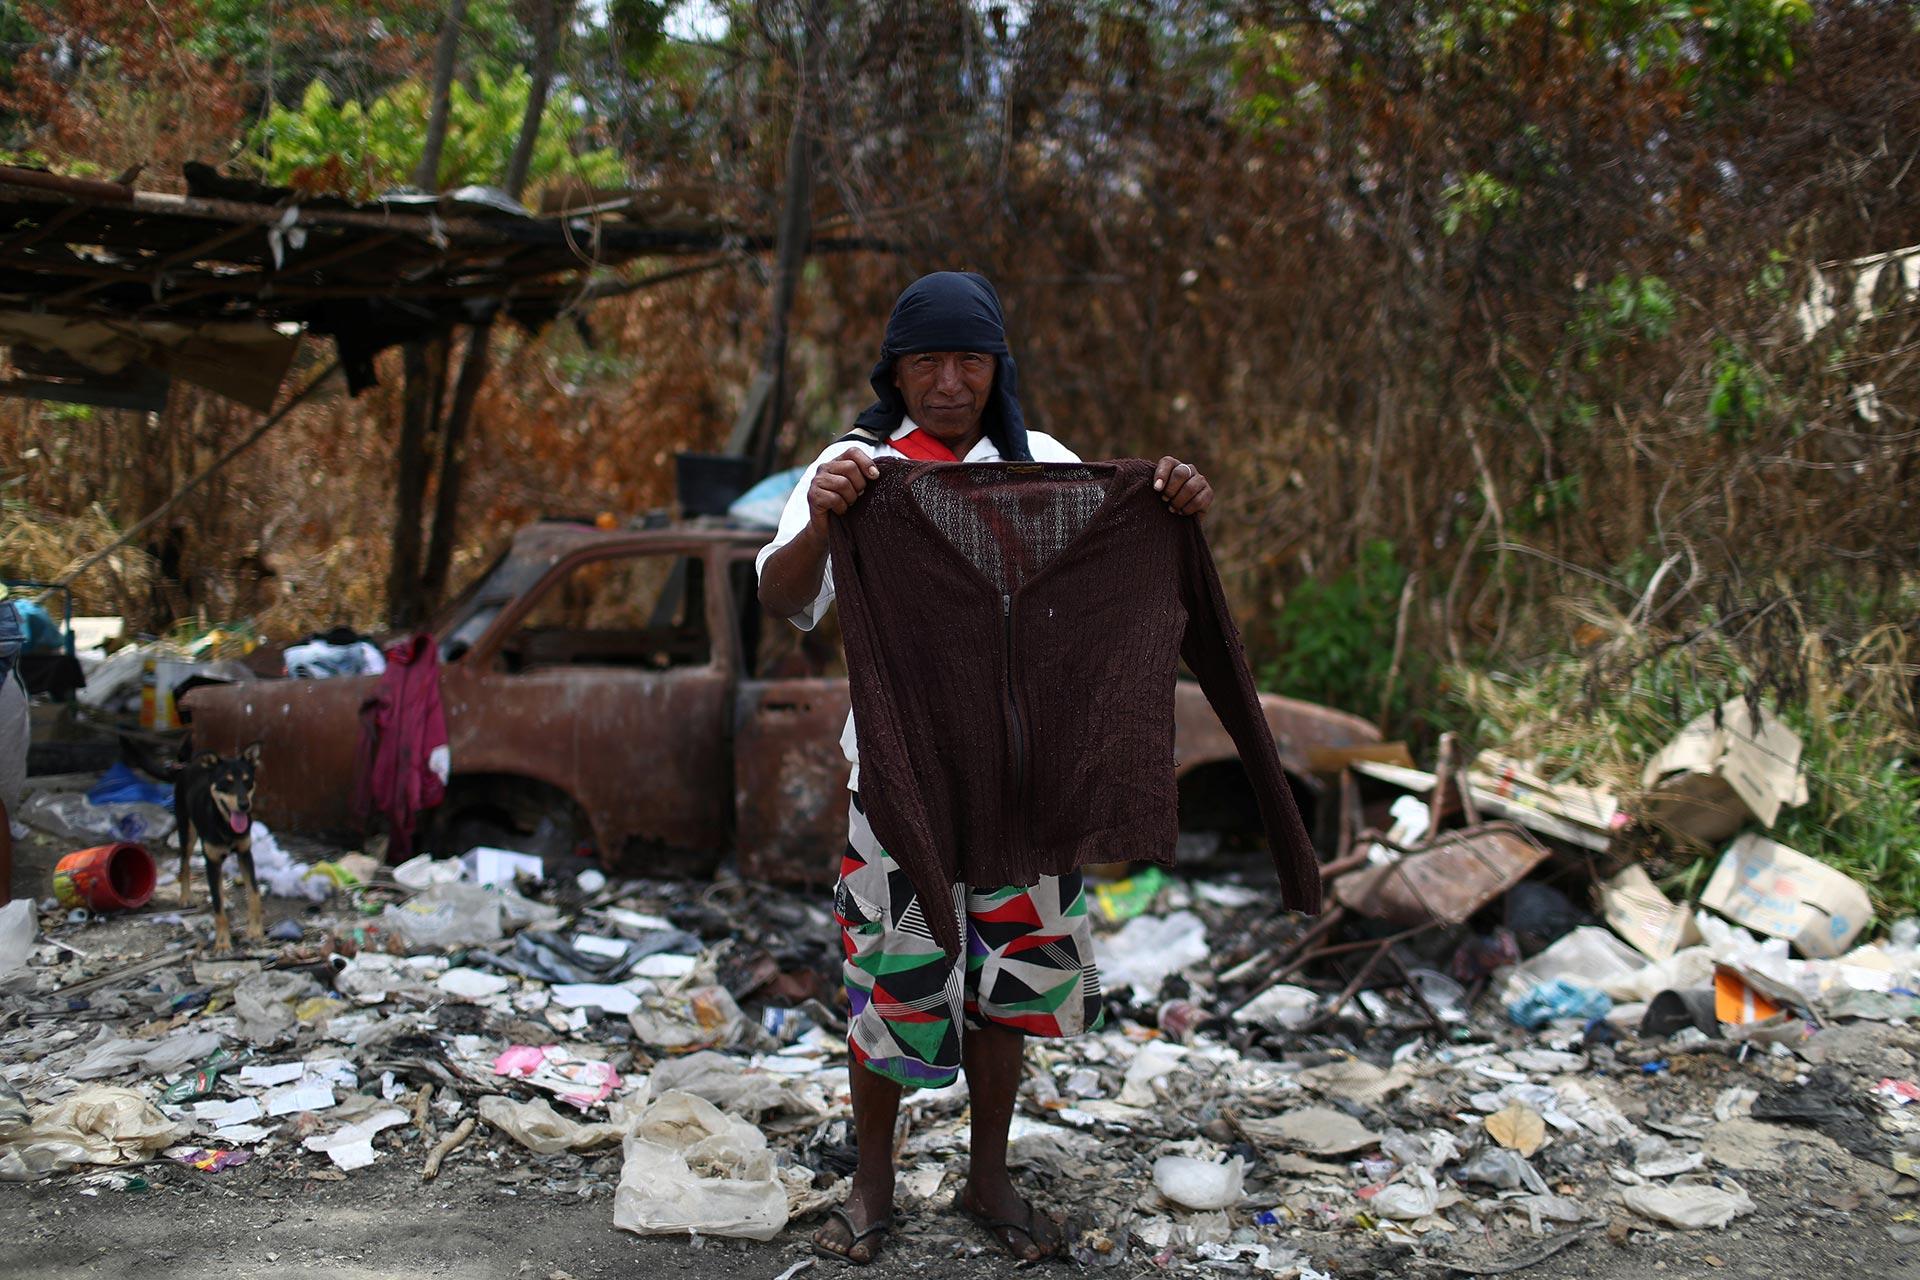 El flujo migratorio también ha sido un dolor de cabeza para el nuevo gobierno de Brasil (REUTERS/Pilar Olivares)